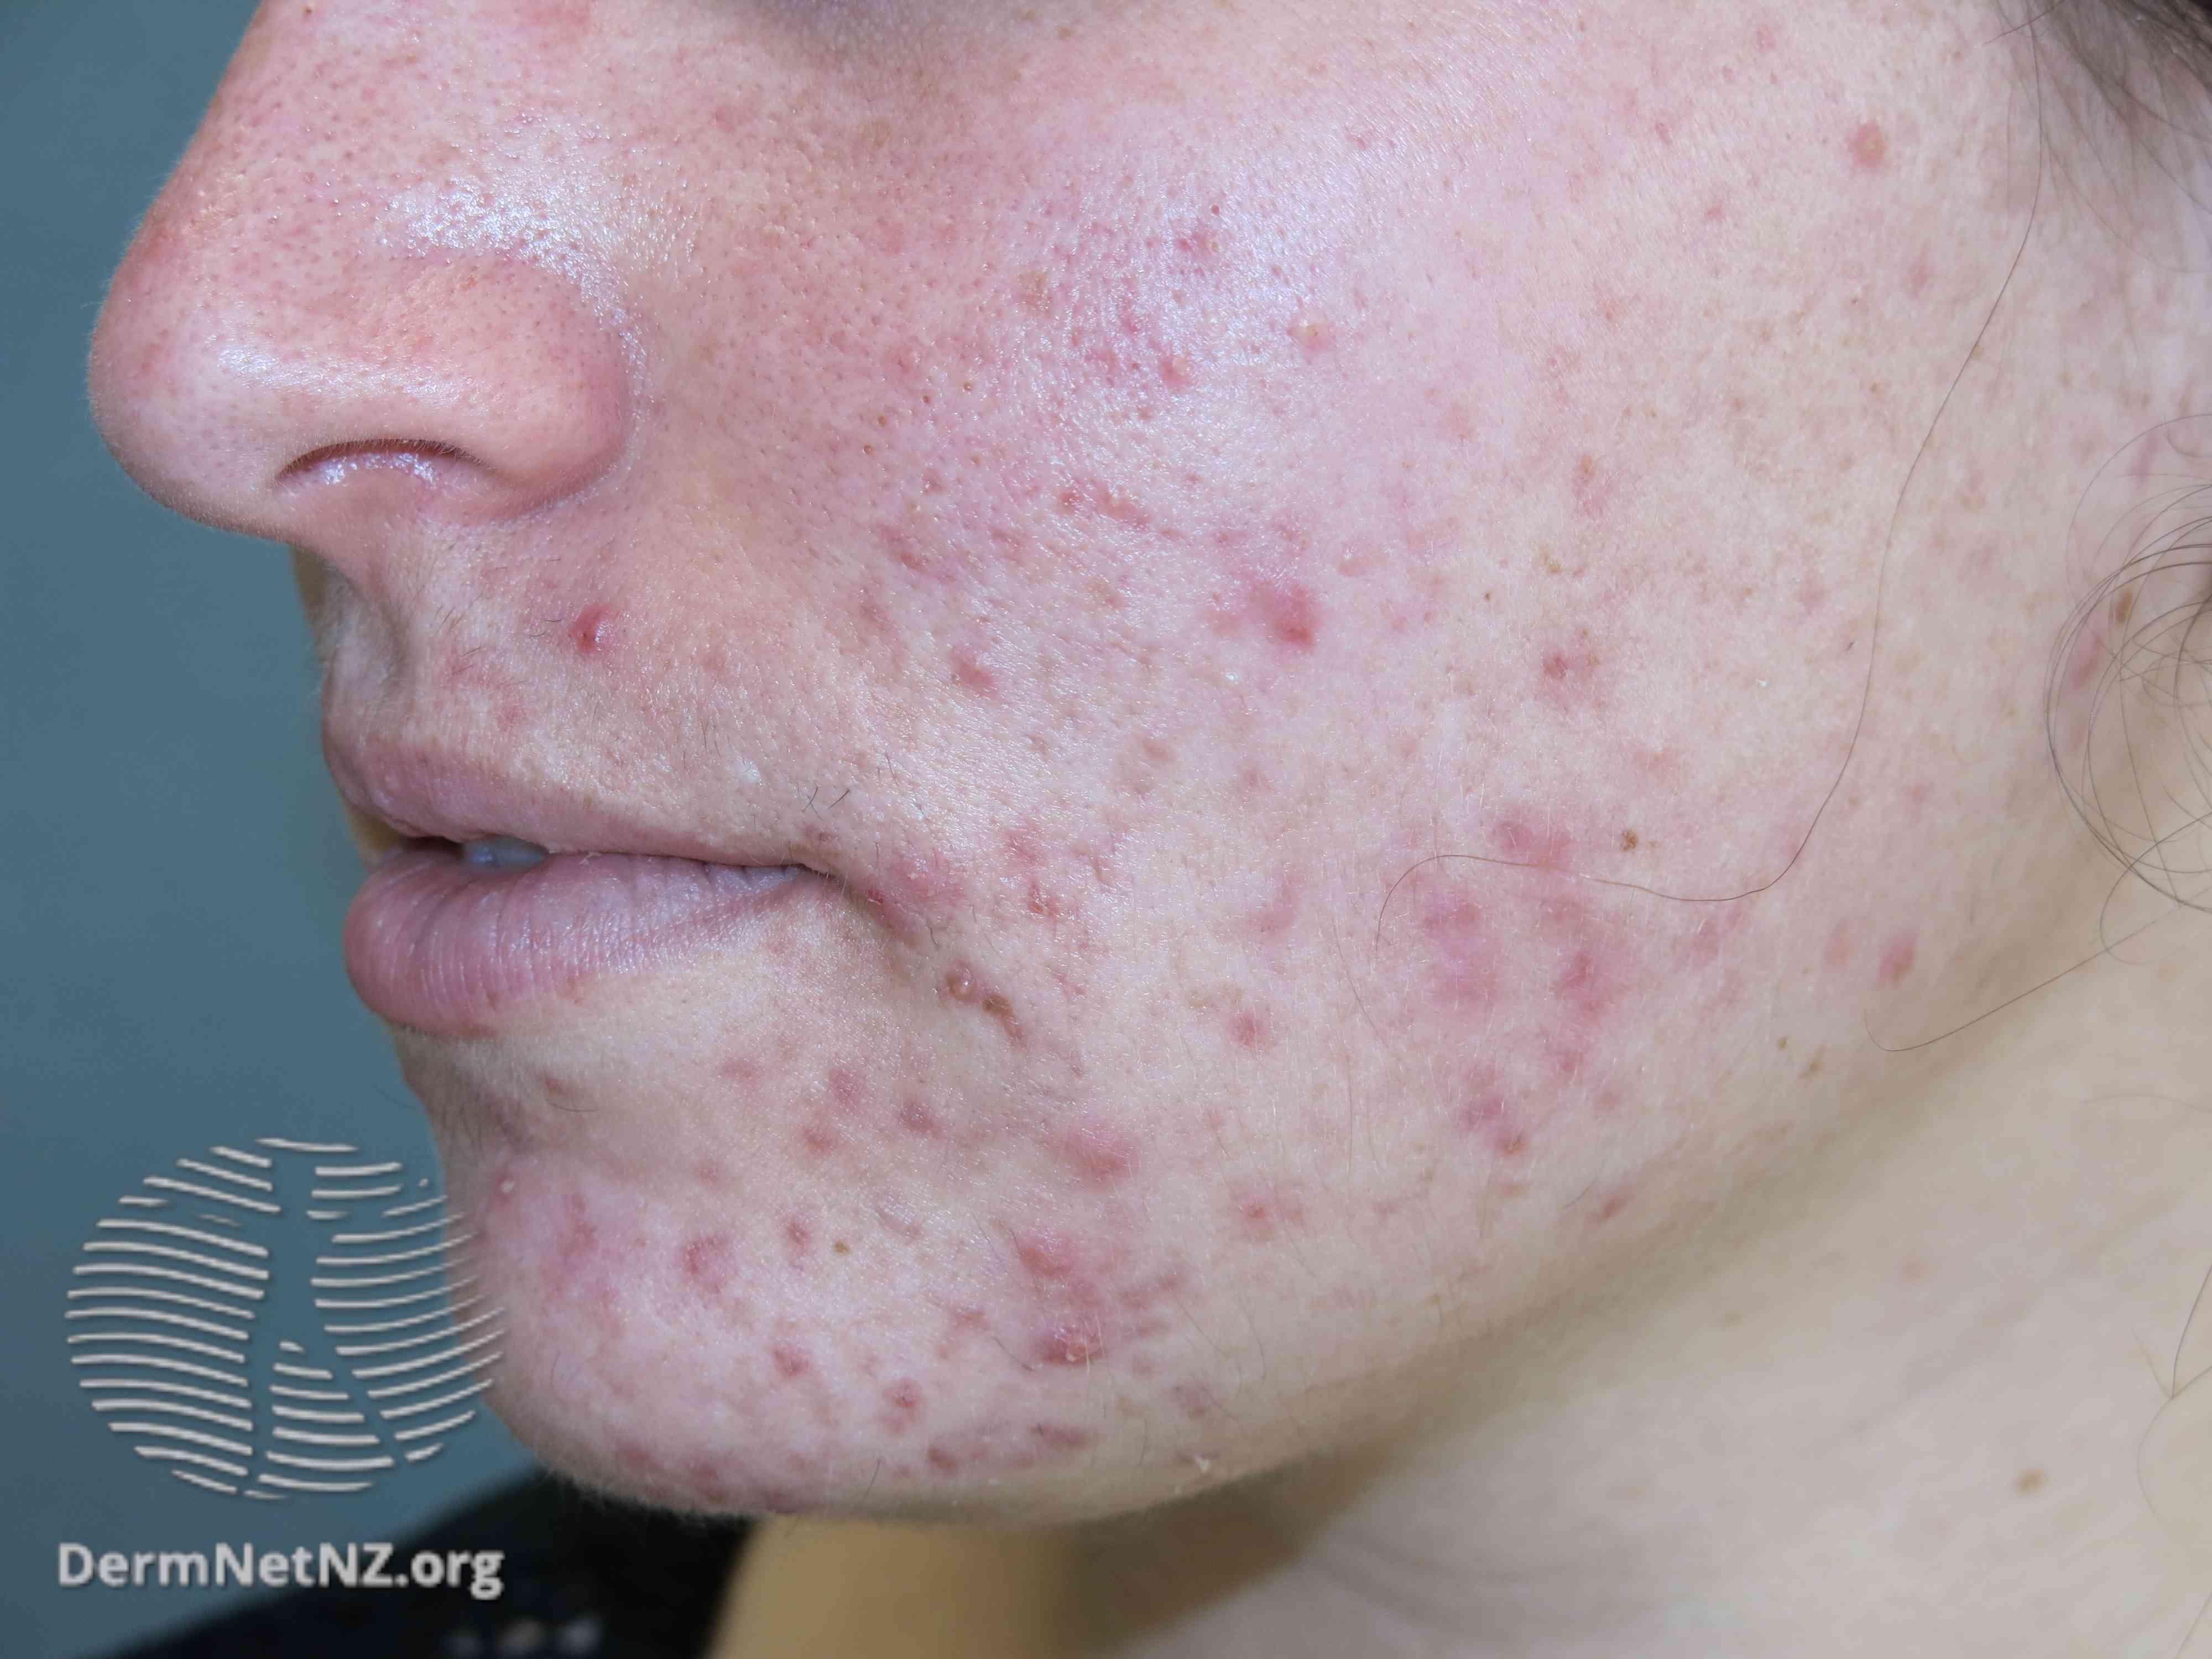 acne vulgaris on face